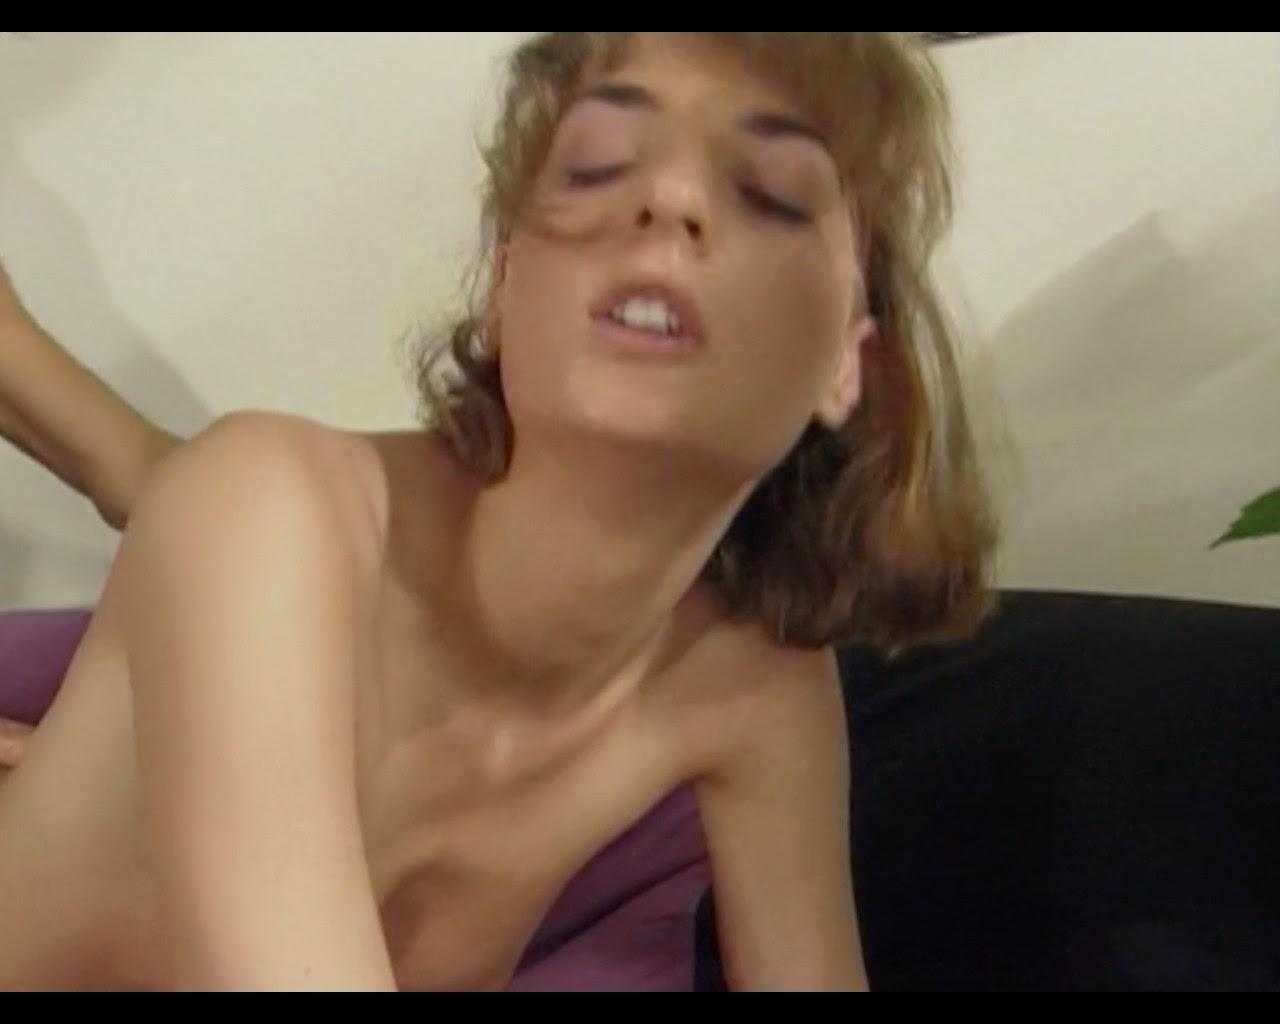 Sikiş Mobil Sex Türk Sikiş Türk Porno İzle Türkçe Sikiş